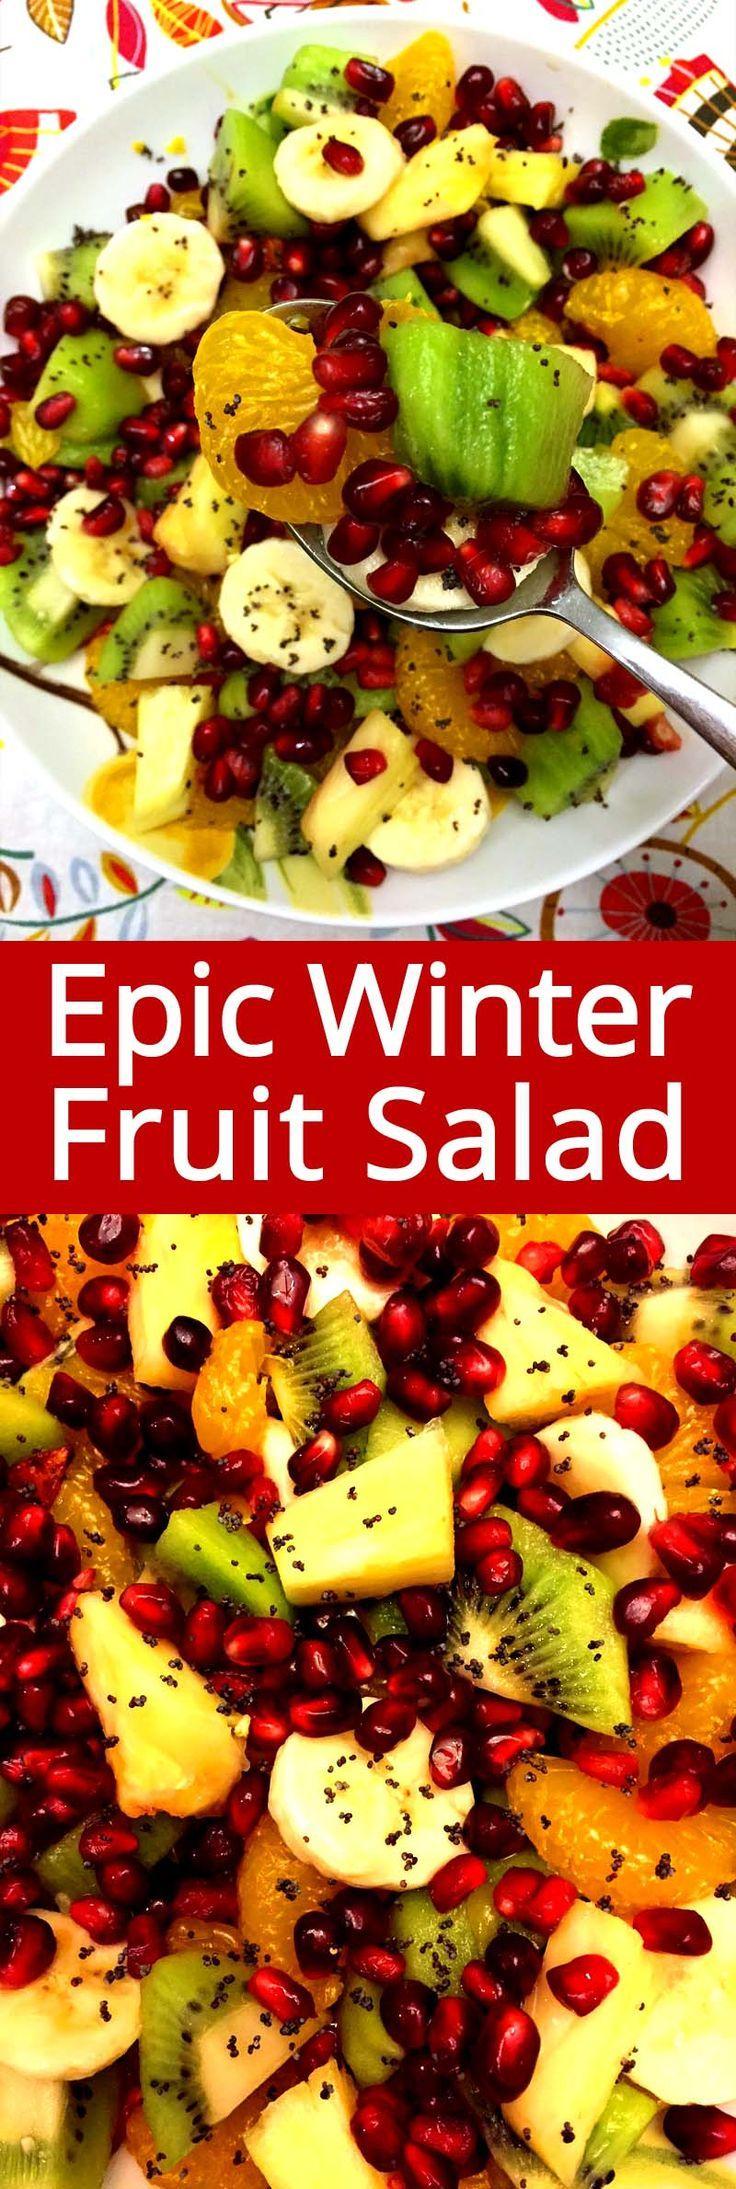 Dieser Festliche Granatapfel Winterobstsalat Ist Der Beste Weihnachtssalat Aller Zeiten Perf Salads Salat Winter Fruit Salad Fruit Salad Recipes Best Fruit Salad